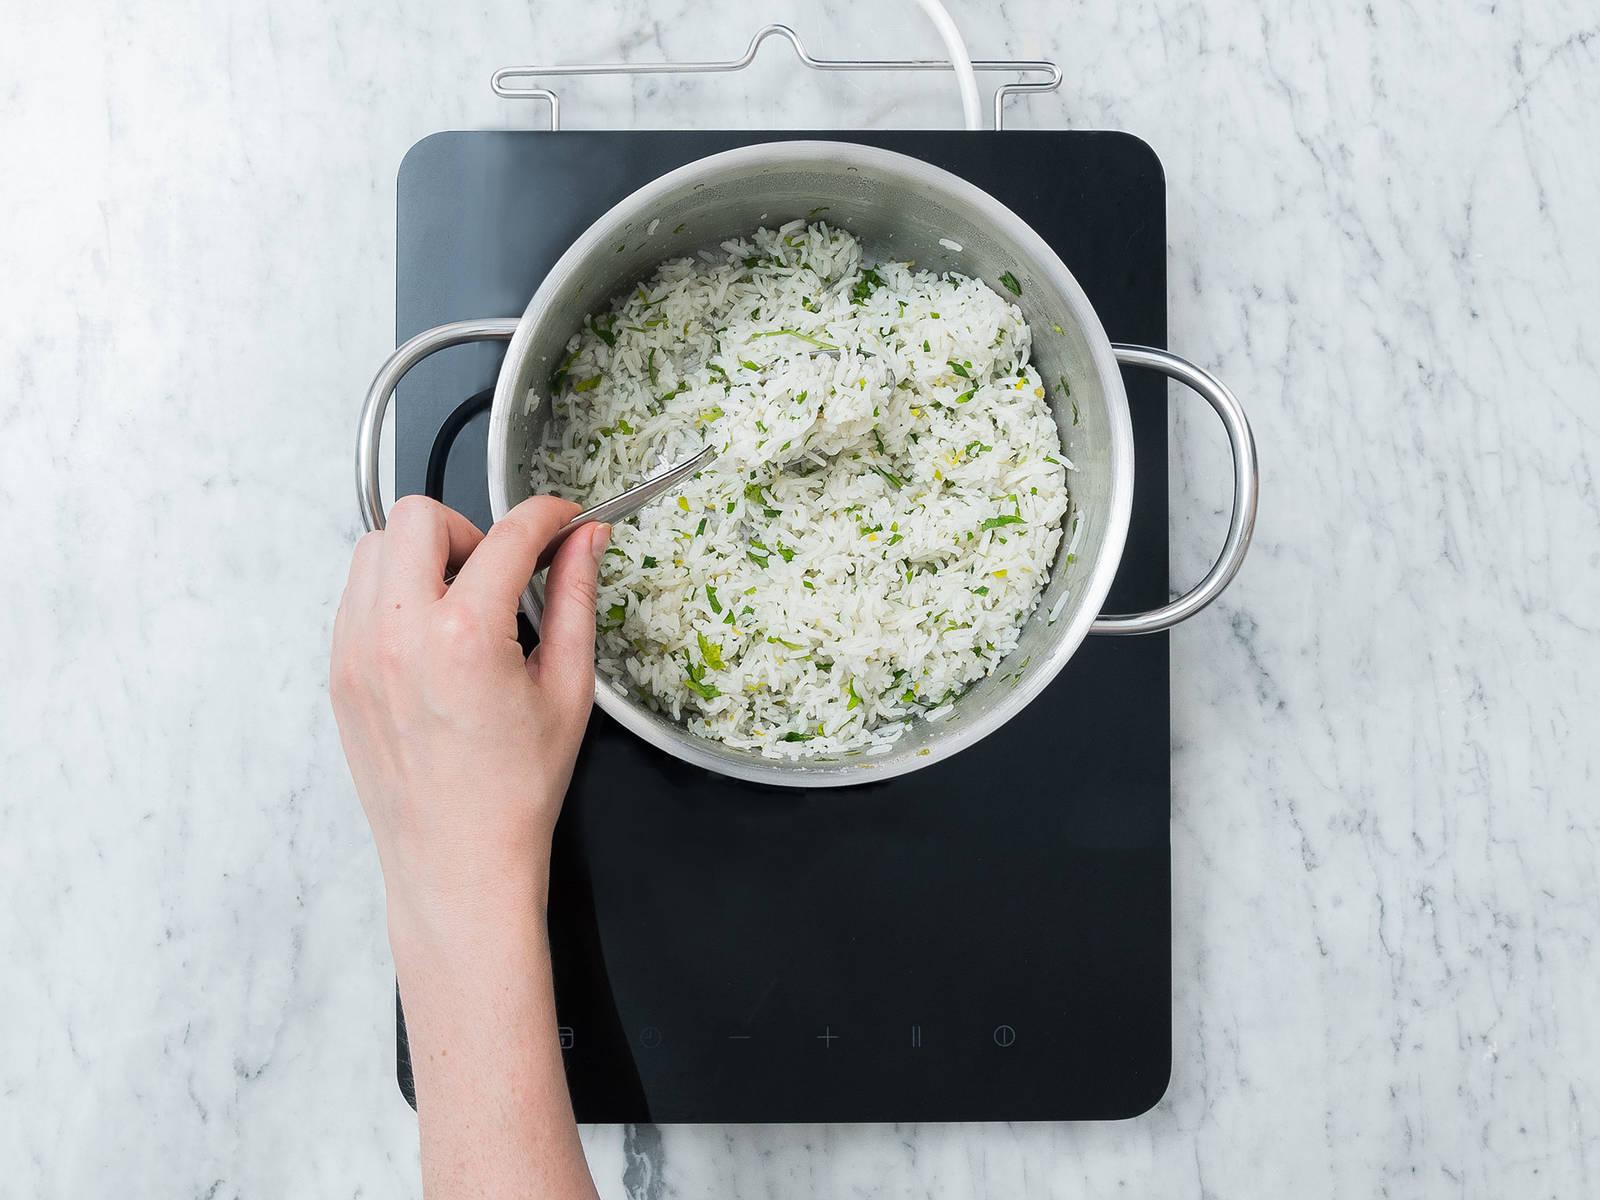 欧芹剁碎。将印度香米和水一同放入中号平底锅中,加盐。煮沸,然后调小火,煮20分钟,或直至煮熟。加入青柠皮碎、青柠汁和欧芹末,搅拌混合。